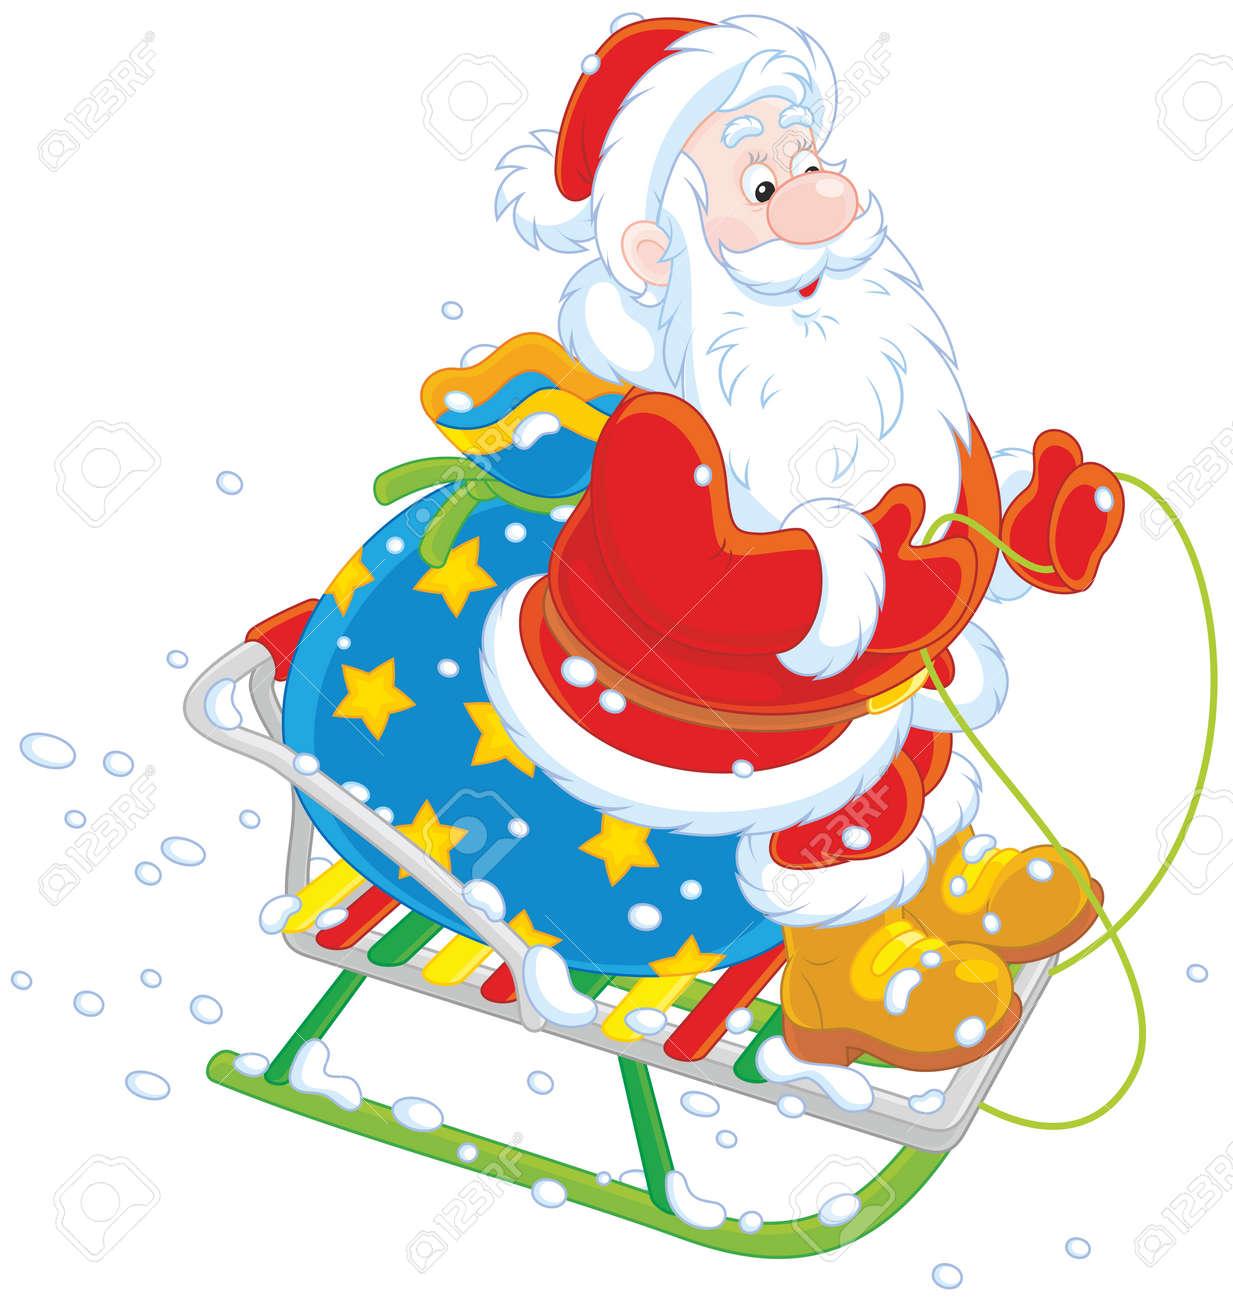 Immagini Babbo Natale Con Sacco.Babbo Natale Con Il Suo Sacco Di Regali Di Natale Slittino Giu Per La Collina Di Neve